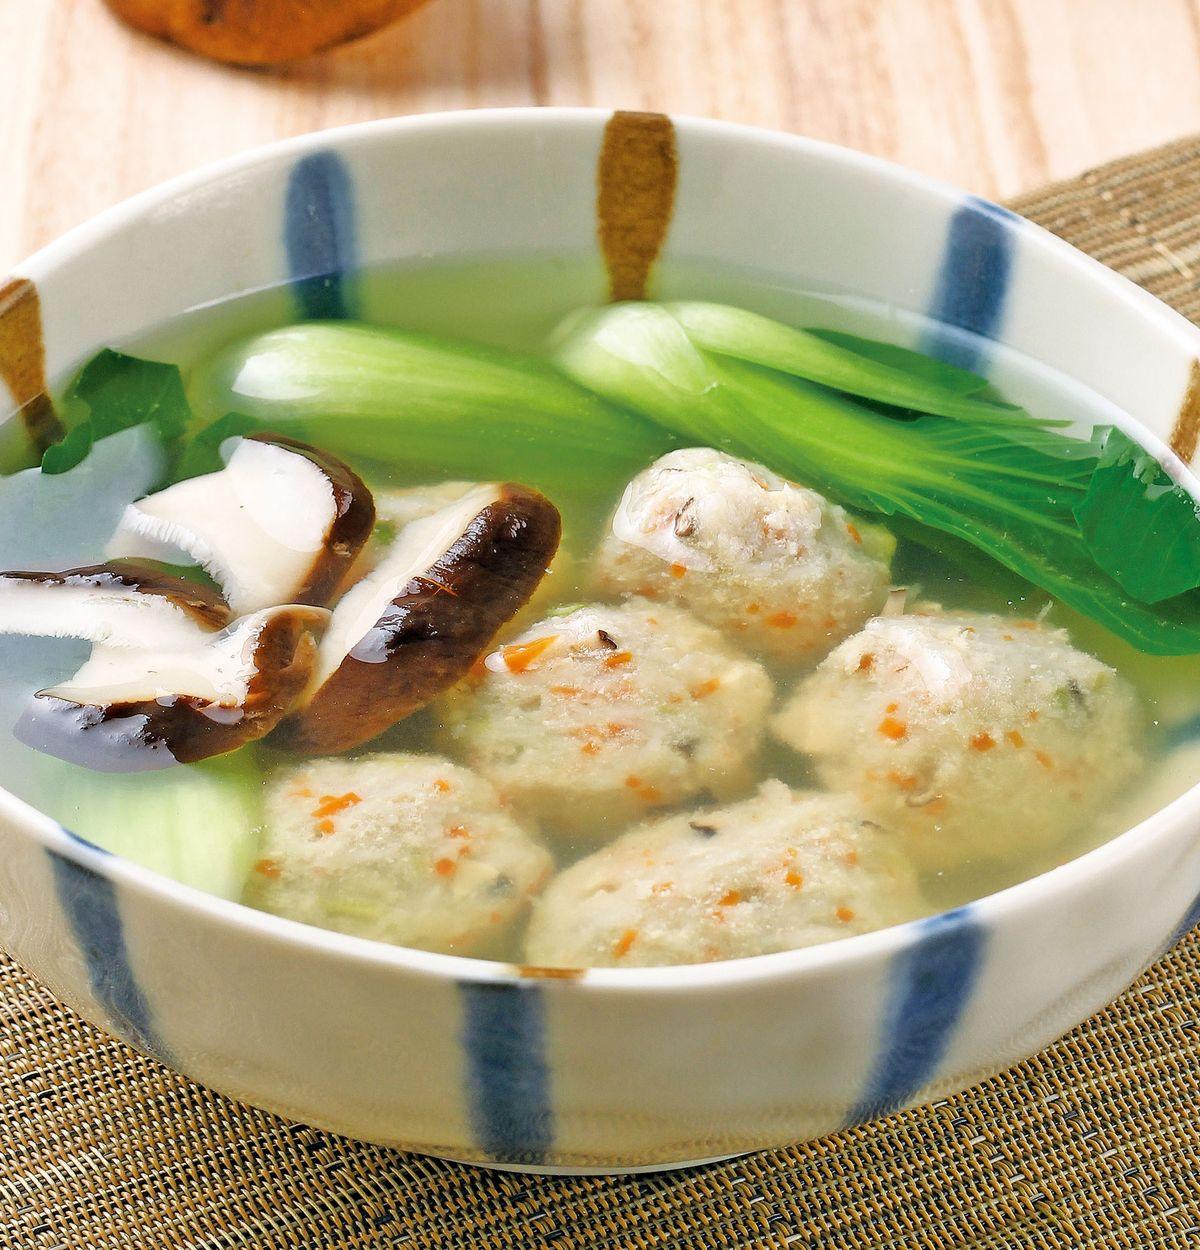 食譜:豆腐蔬菜丸湯